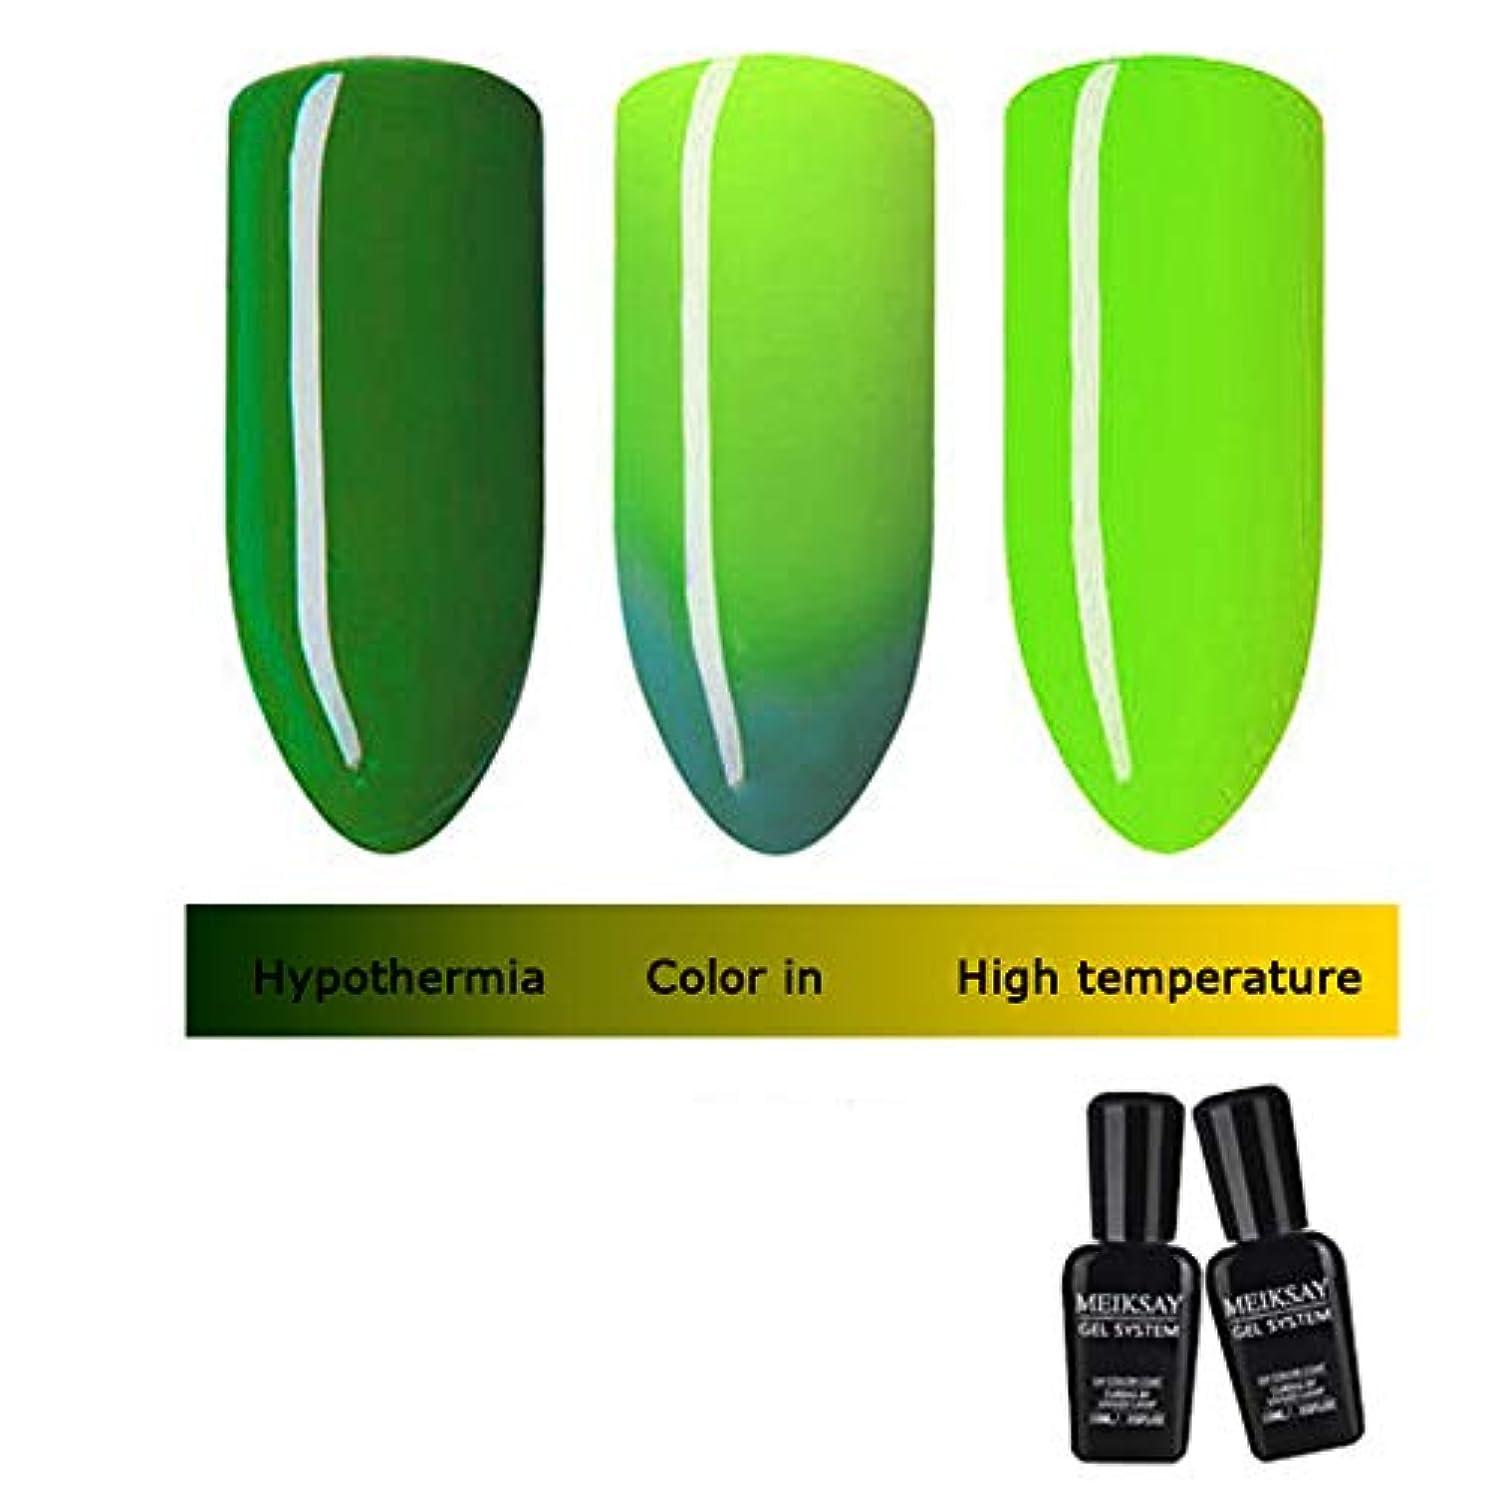 スペシャリスト出発するジェームズダイソンLazayyii マニキュア サーモクロミック光線療法のり 熱温度変化色 ネイルラッカーUV LEDポリッシュゲル (B)